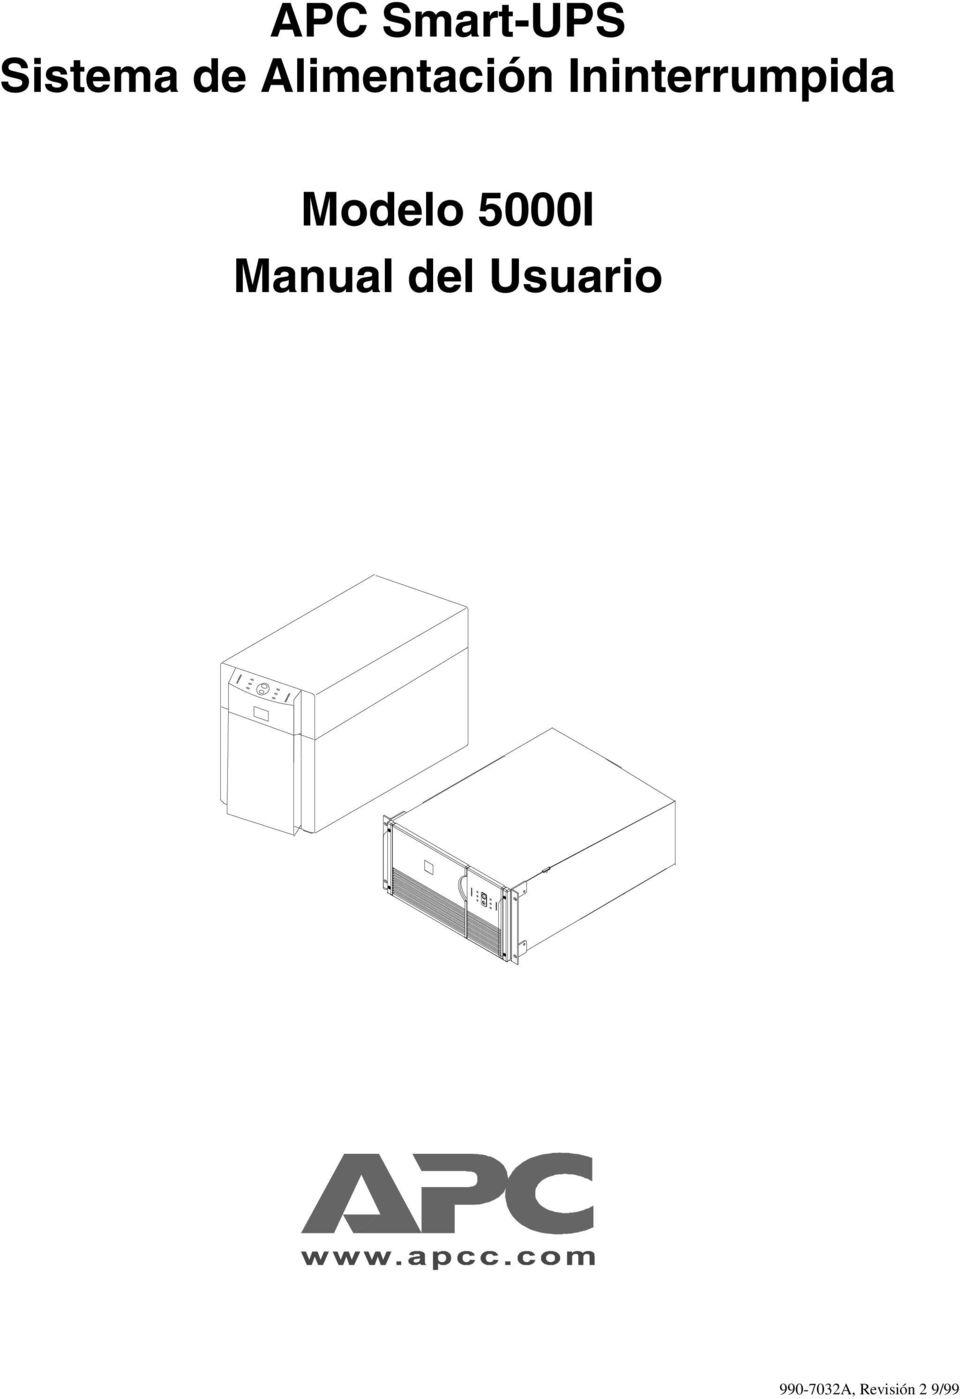 APC Smart-UPS Sistema de Alimentación Ininterrumpida